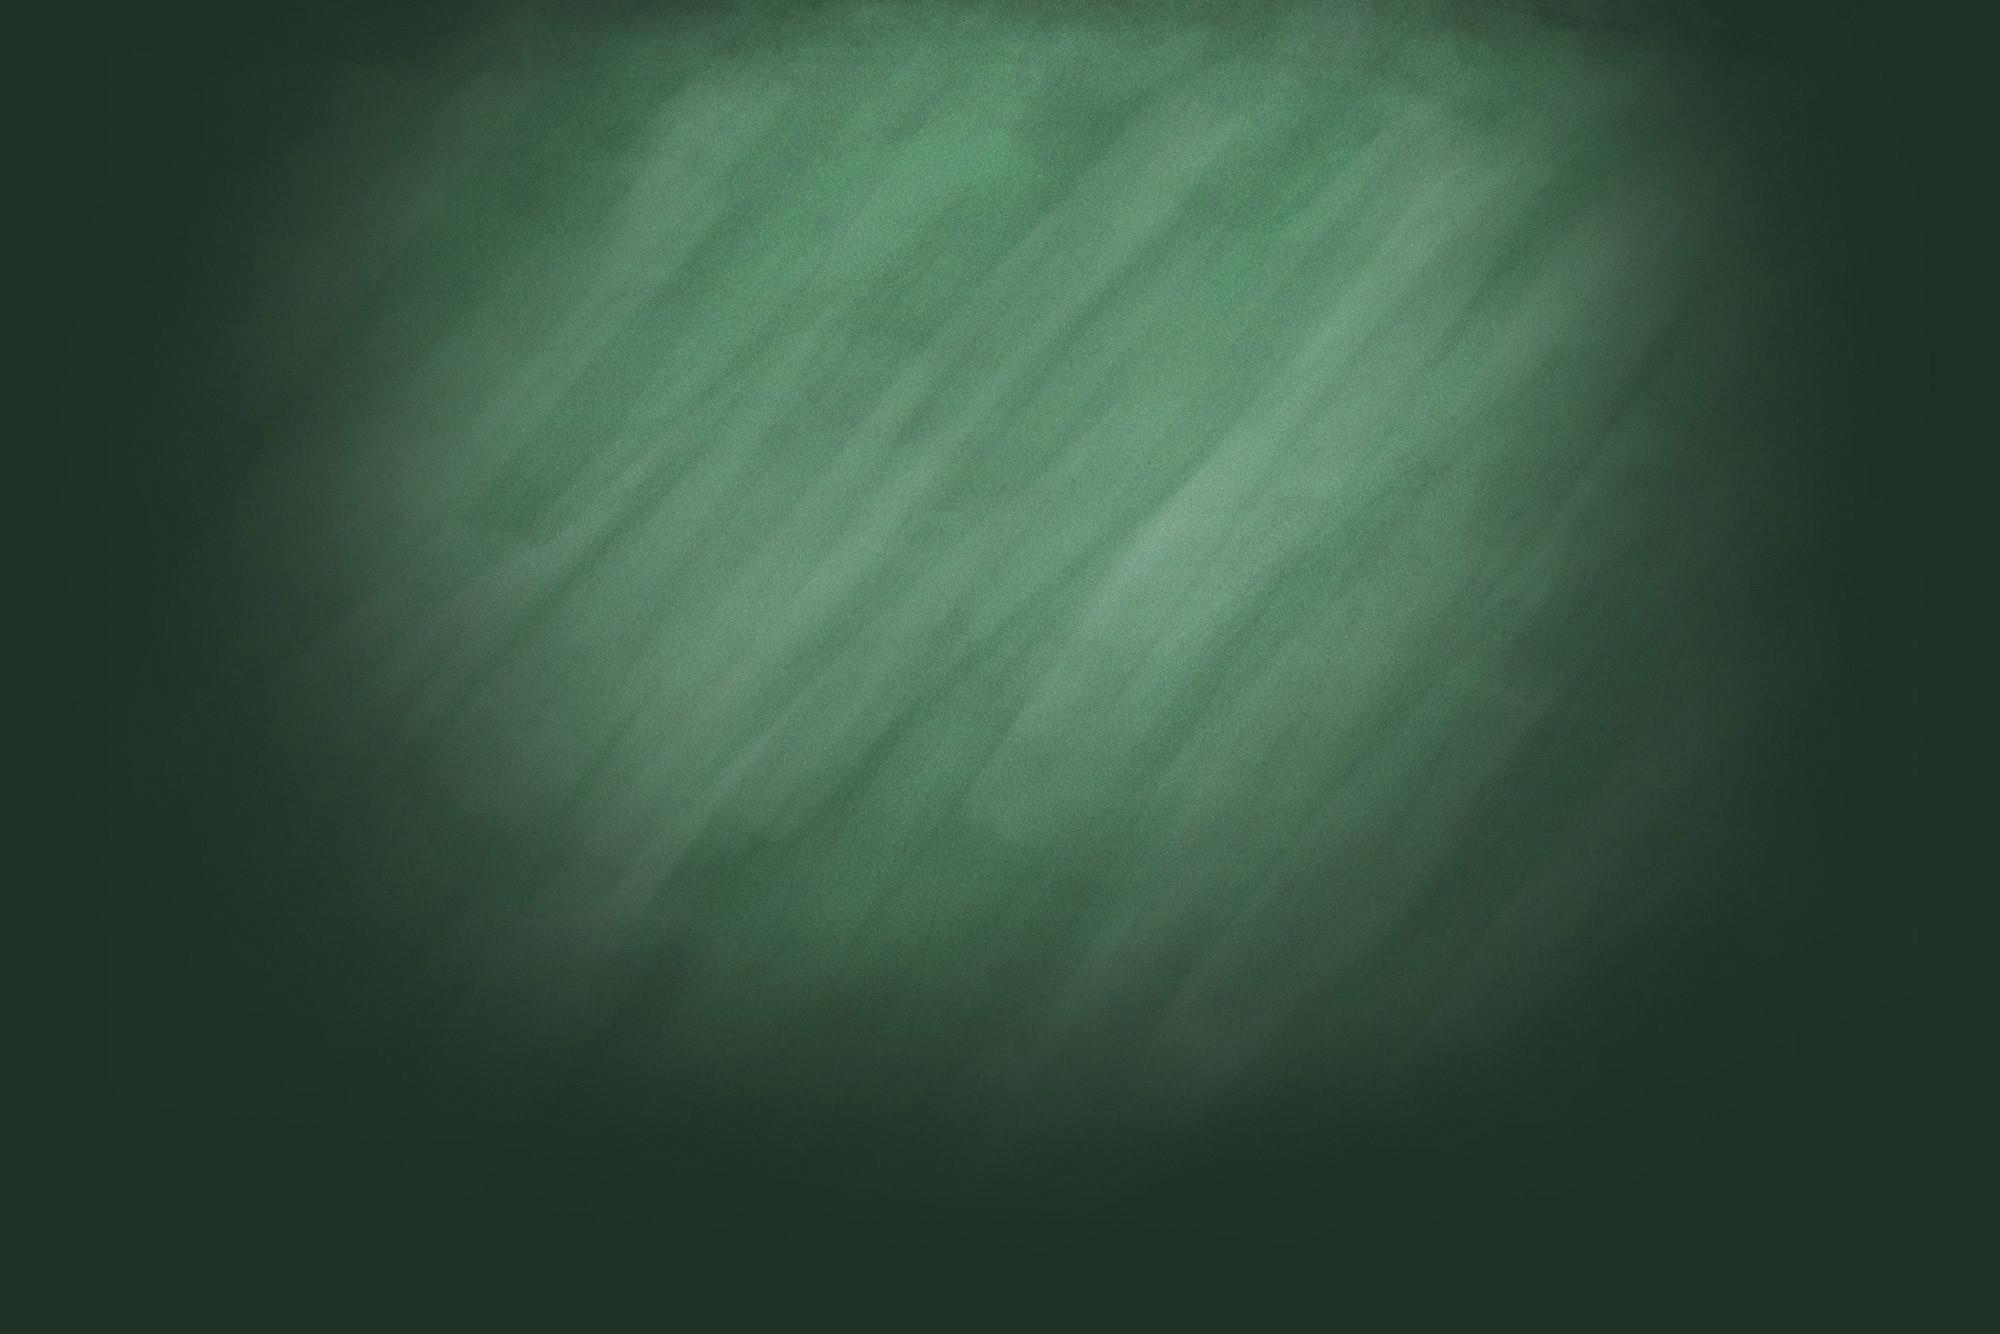 Green Chalkboar.